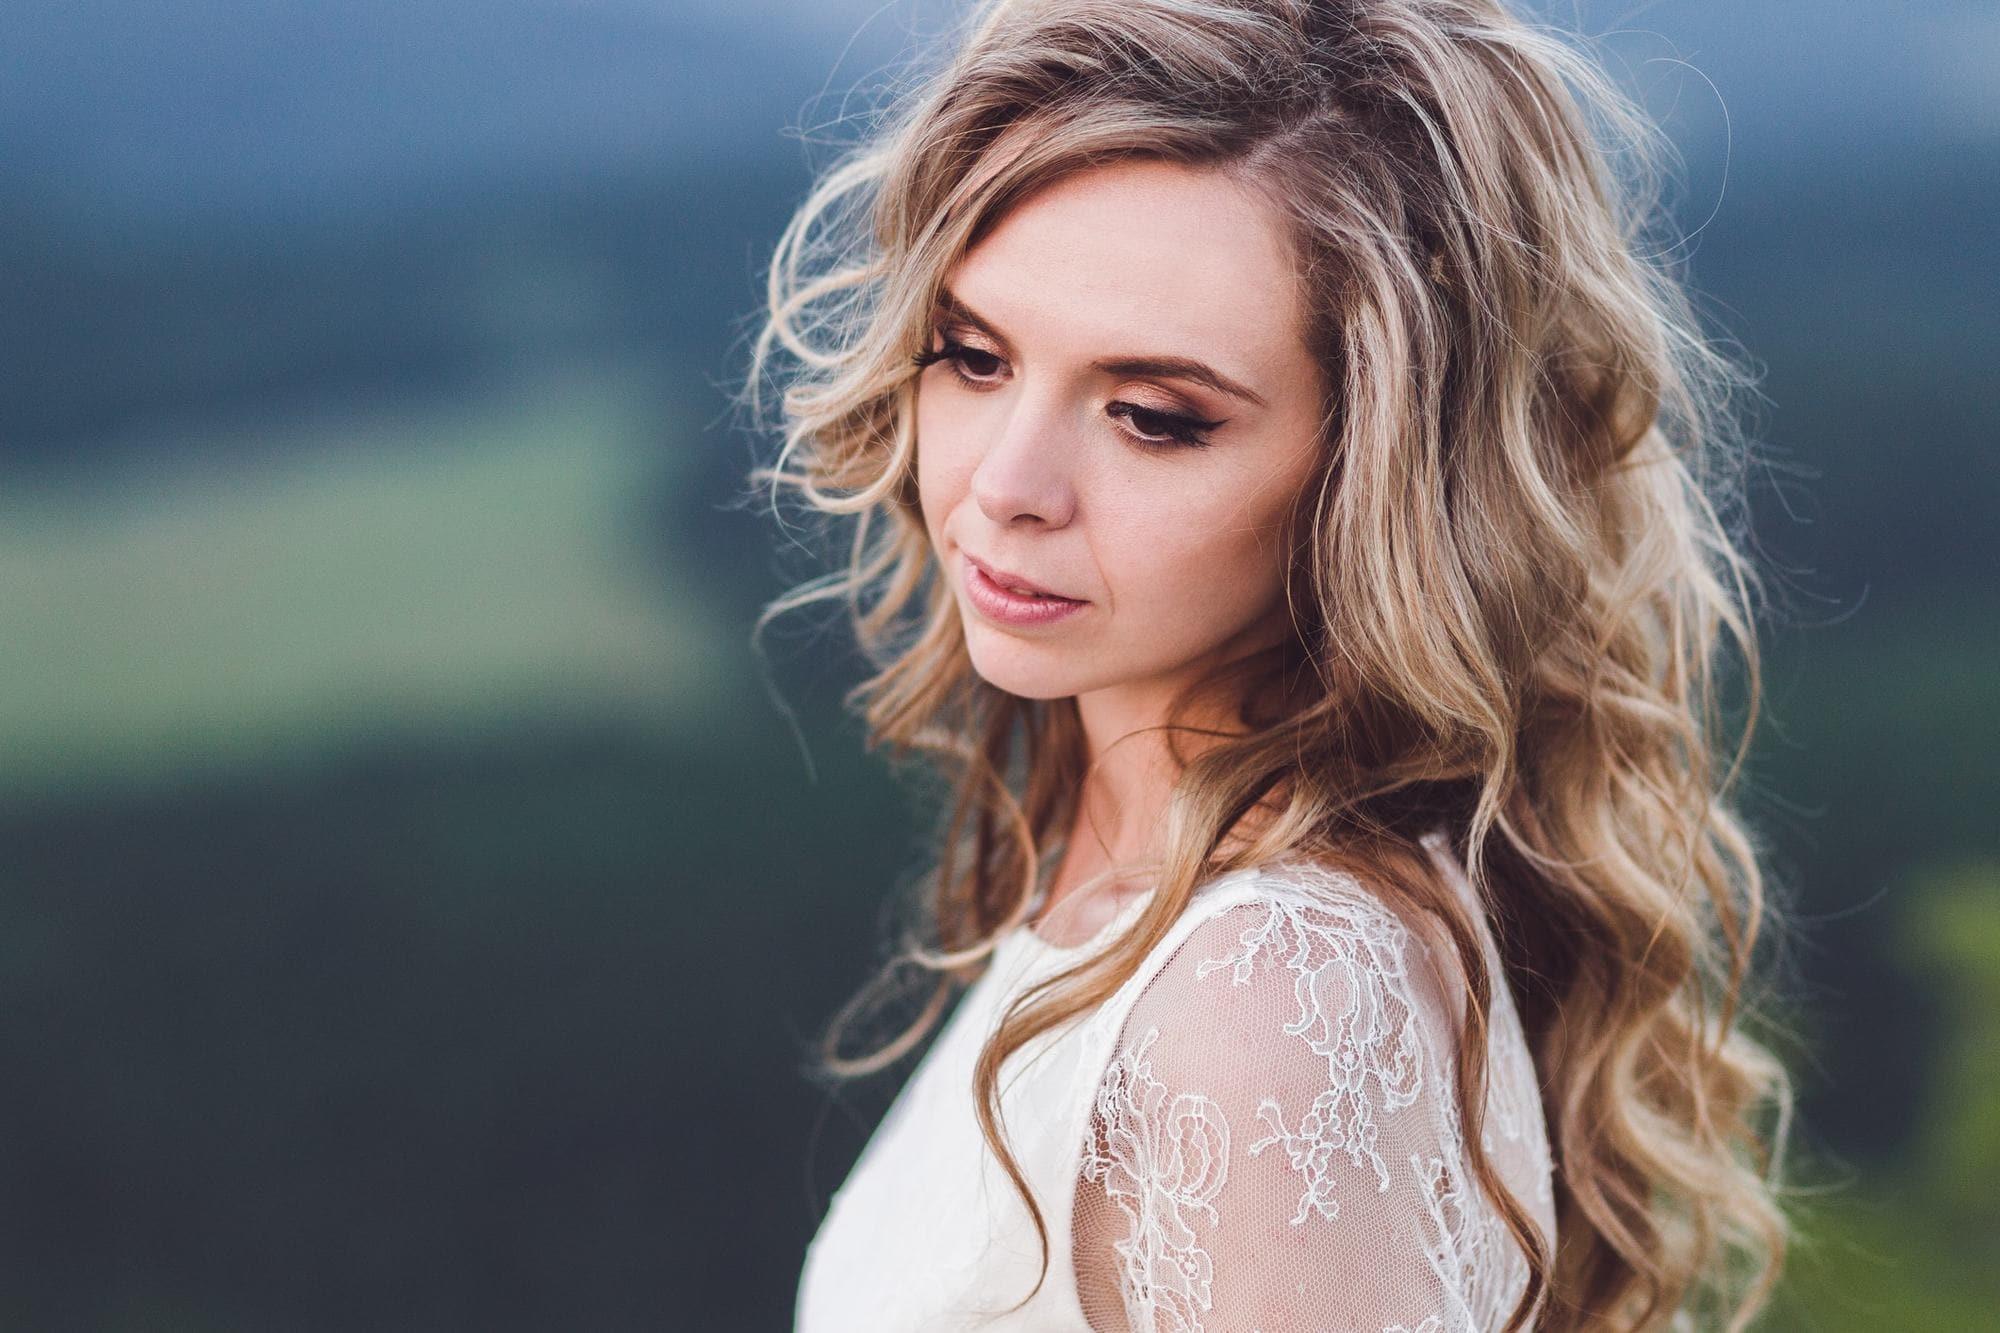 Wedding Hairstyles Down 2018 -Top 15 Trendy Hairstyles! 5